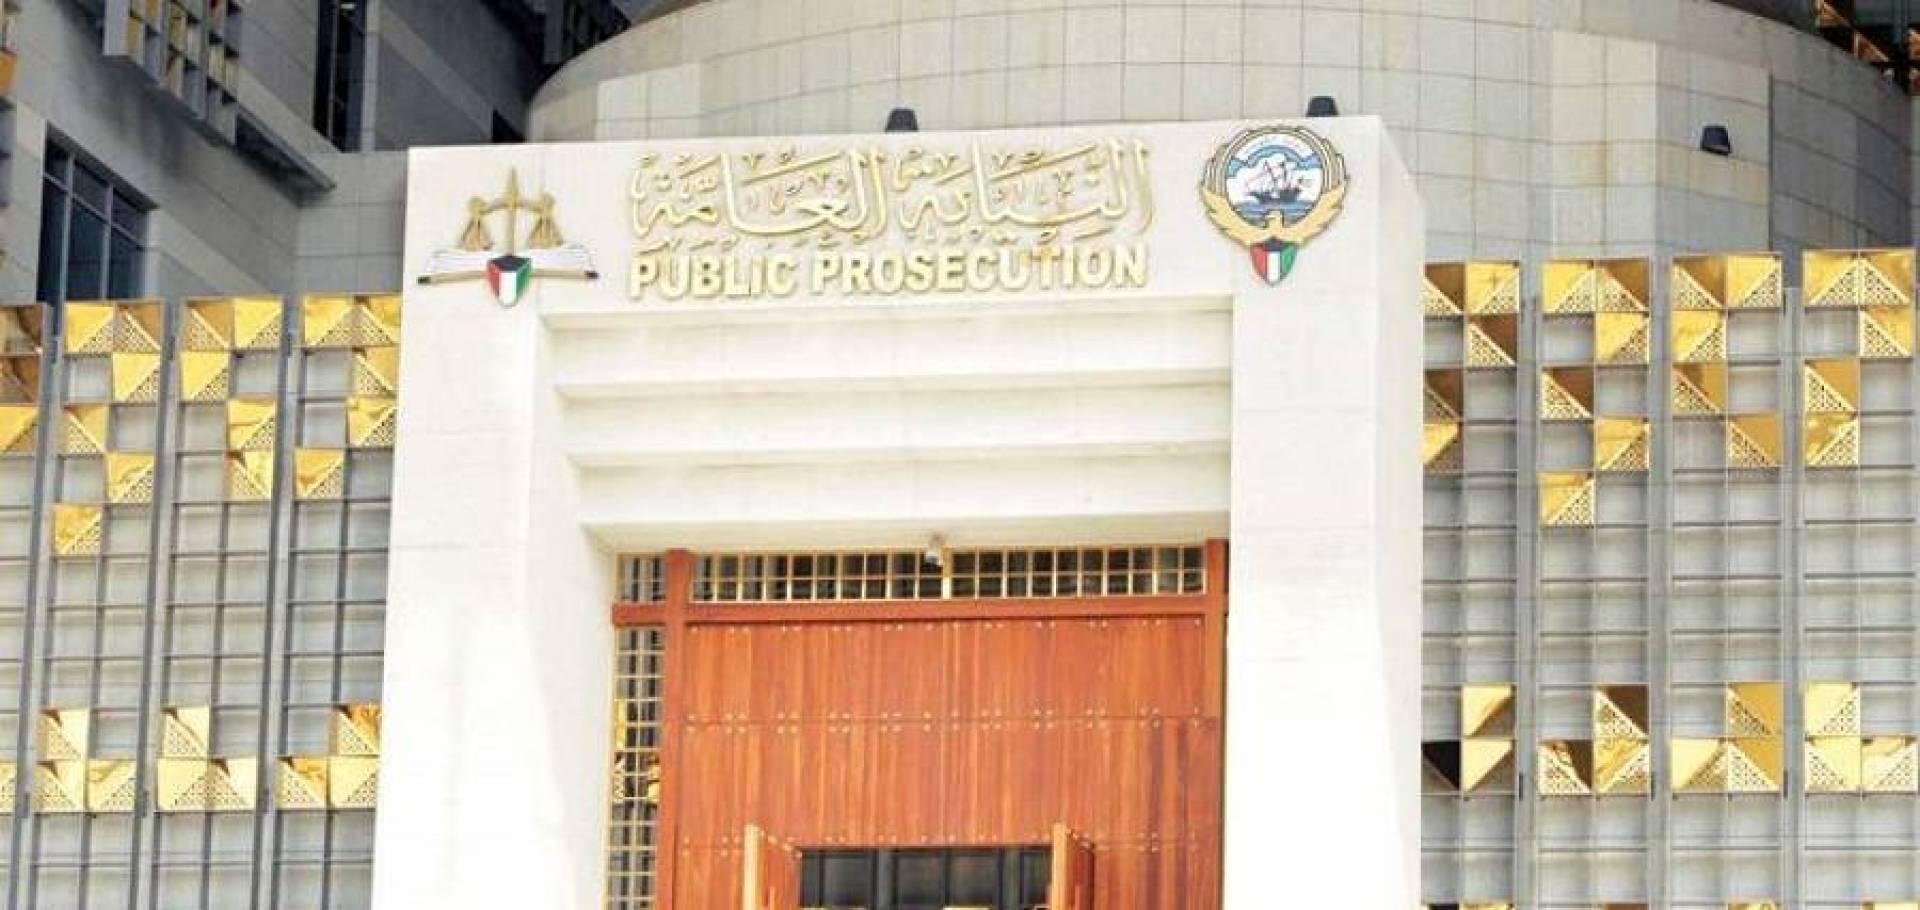 حبس مغرد كويتي 21 يوماً.. وإحالته للسجن المركزي